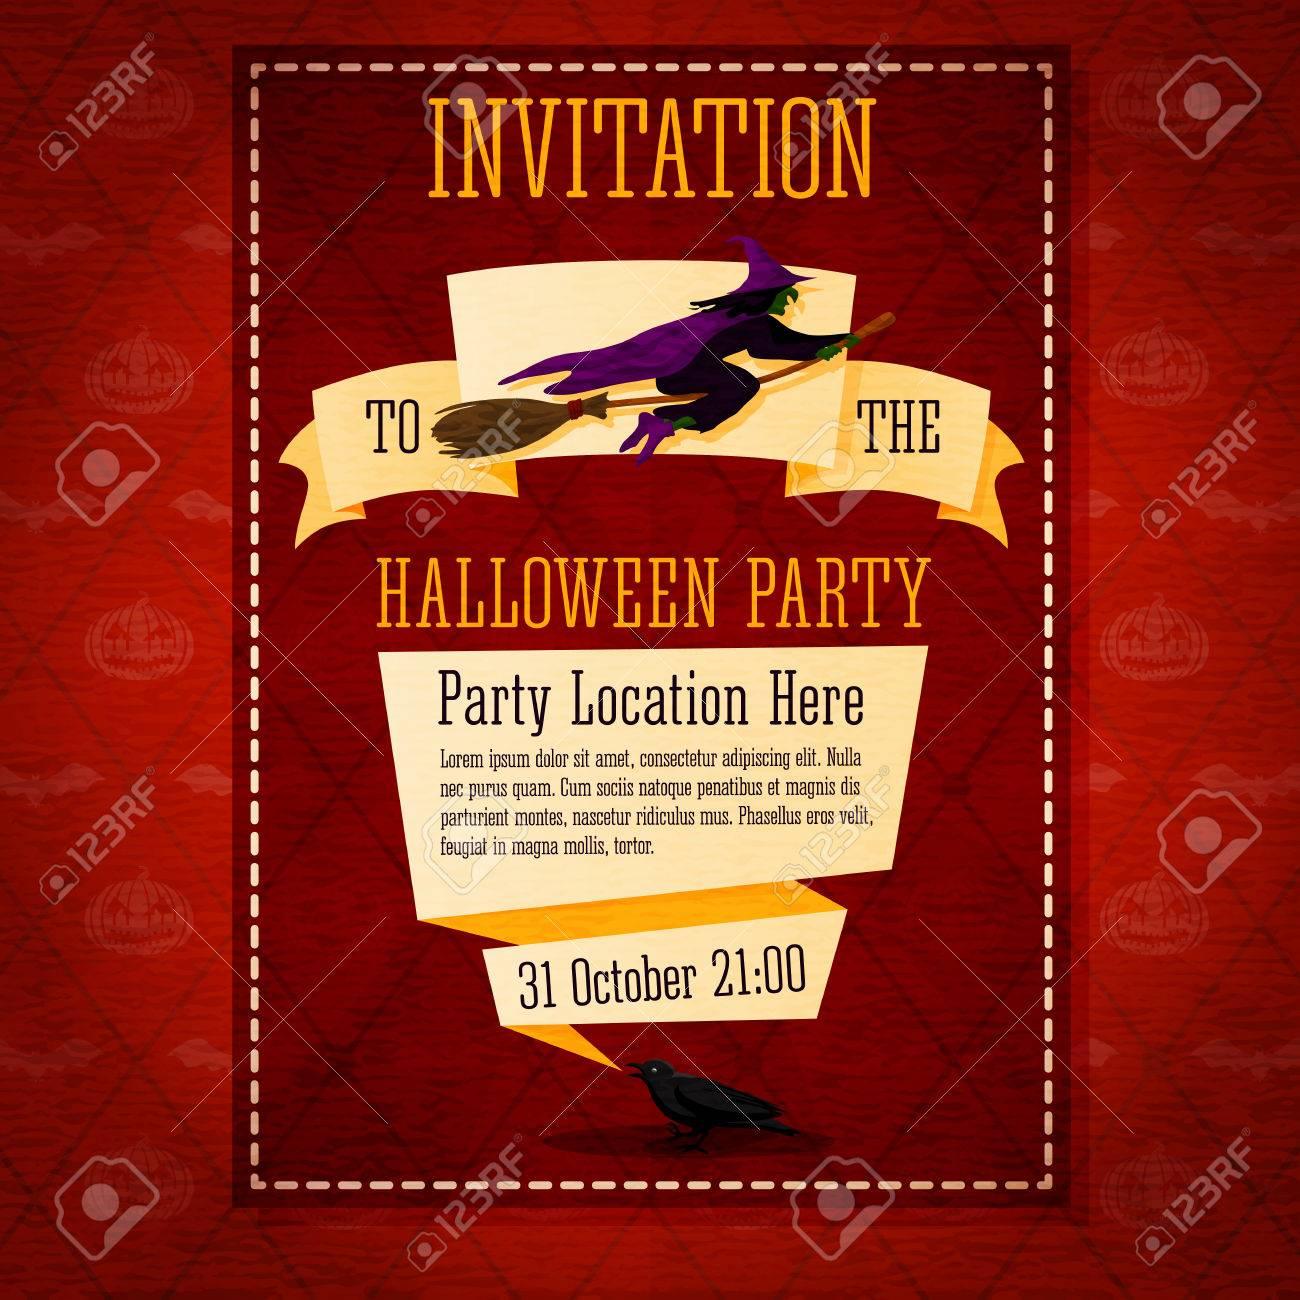 Banner Einladung Zur Halloween Party Mit Hexe An Der Spitze Und Platz Für  Die Beschreibung